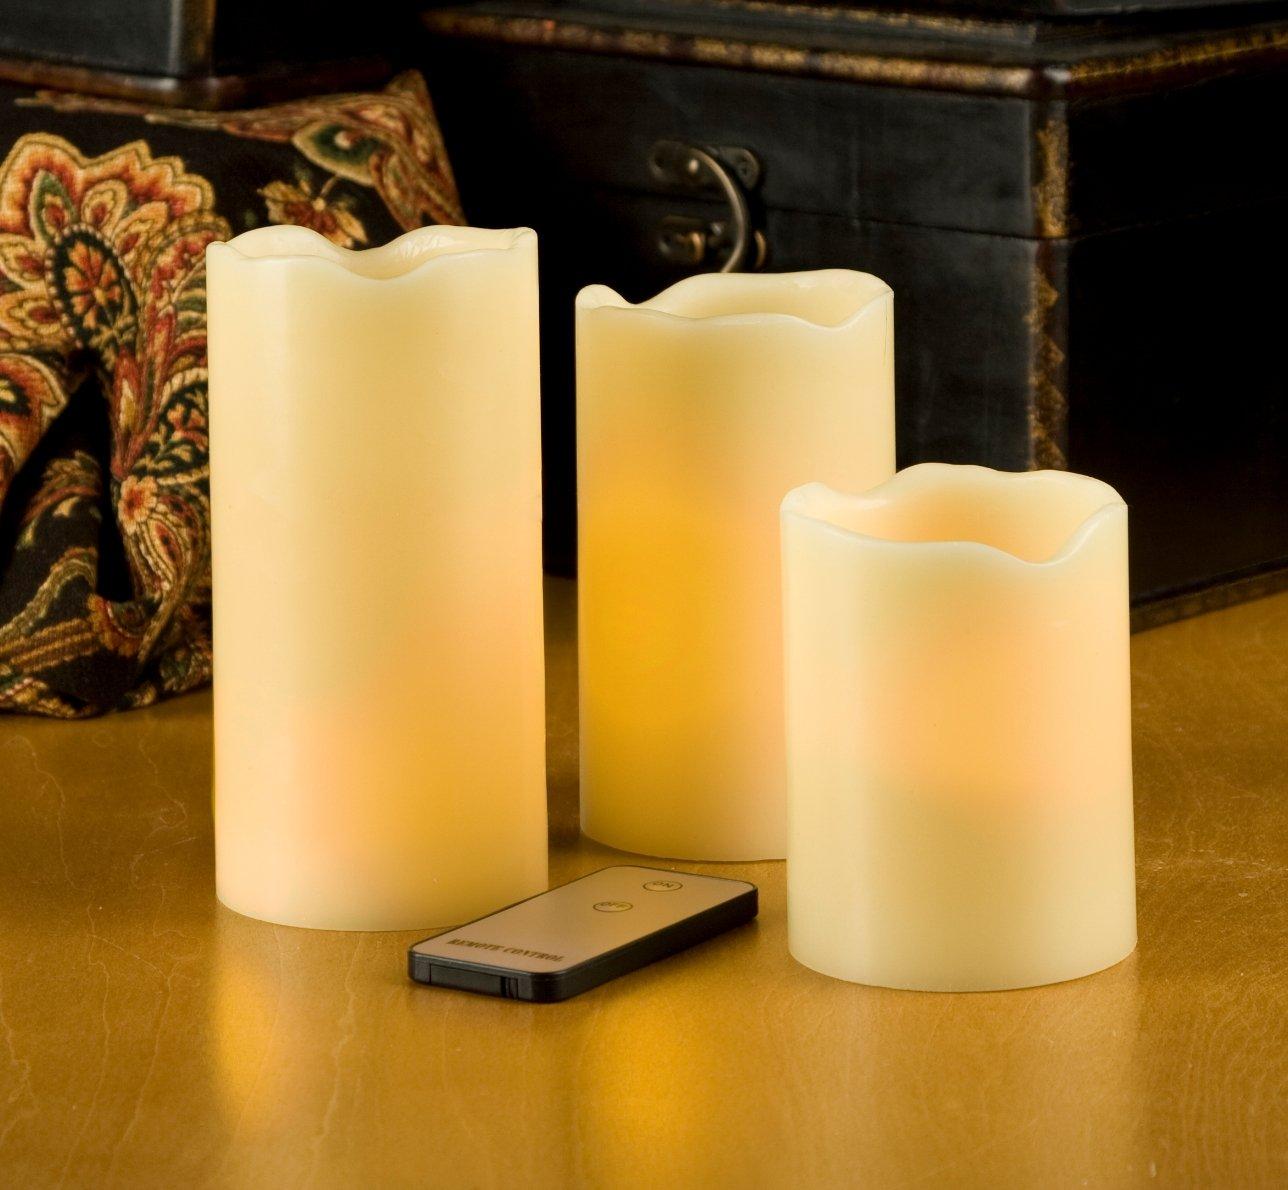 amazon com everlasting glow led ivory pillar candles remote